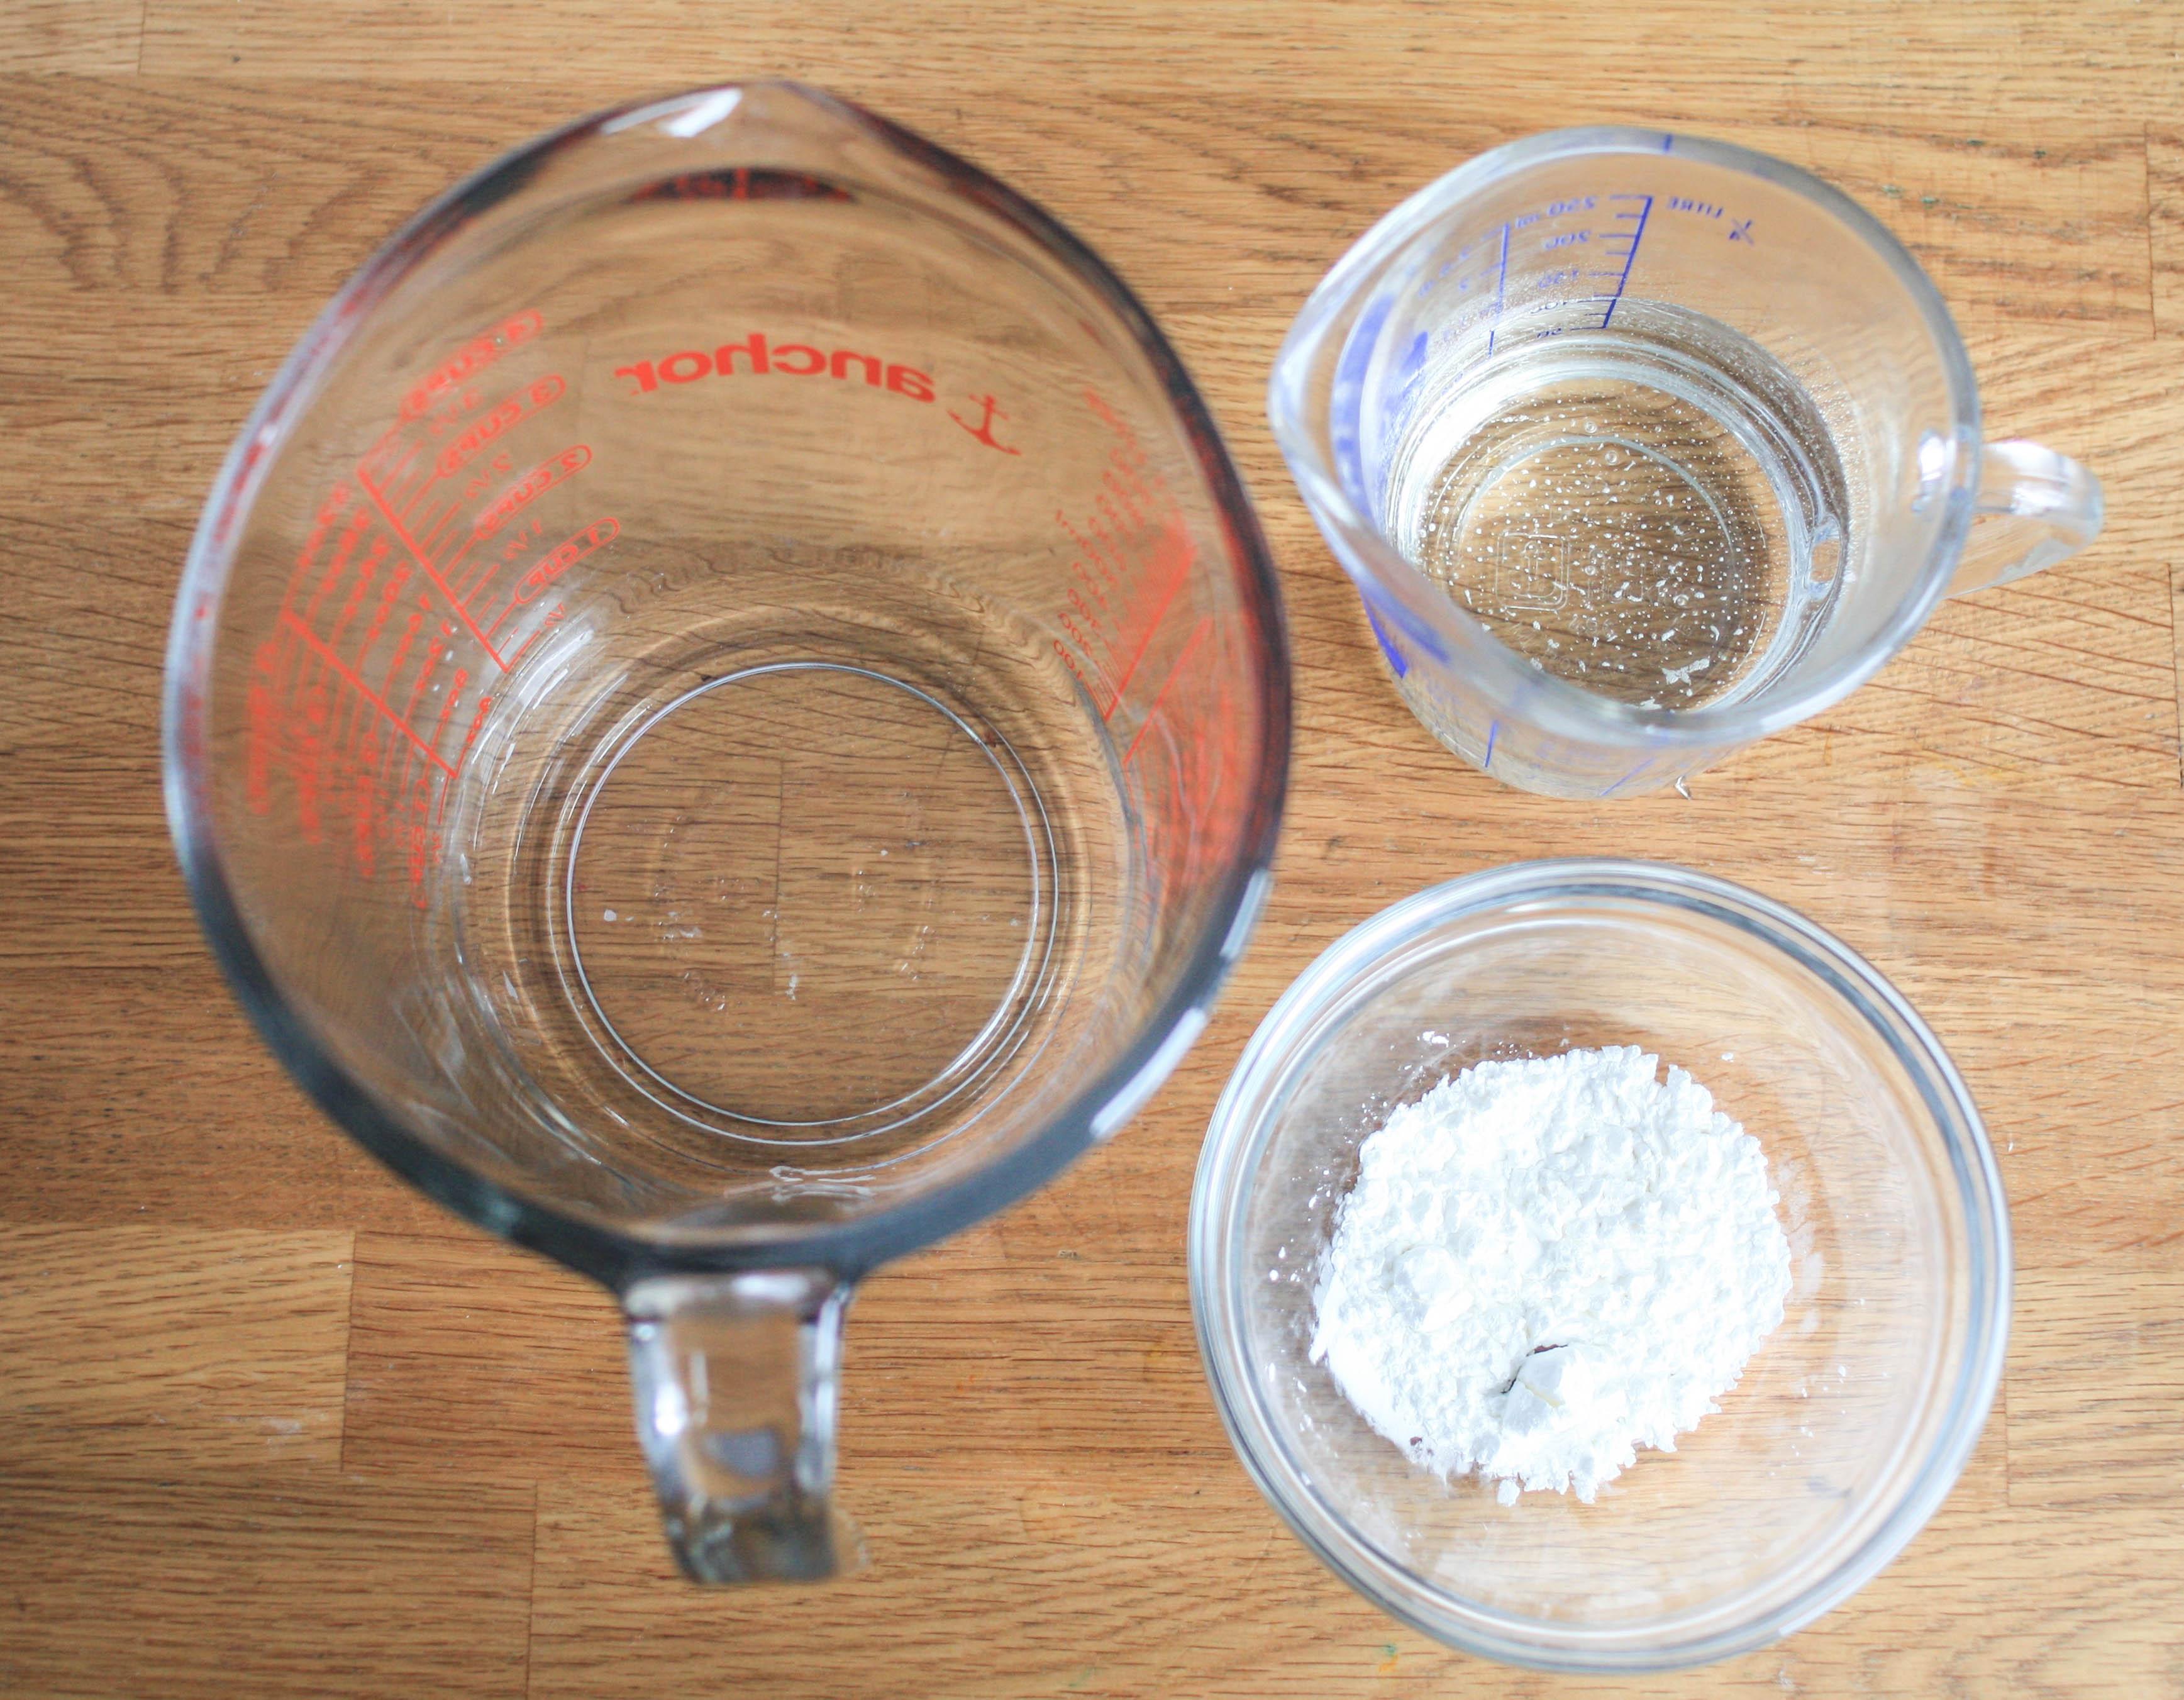 Piping Gel Ingredients | Erin Gardner| Bluprint